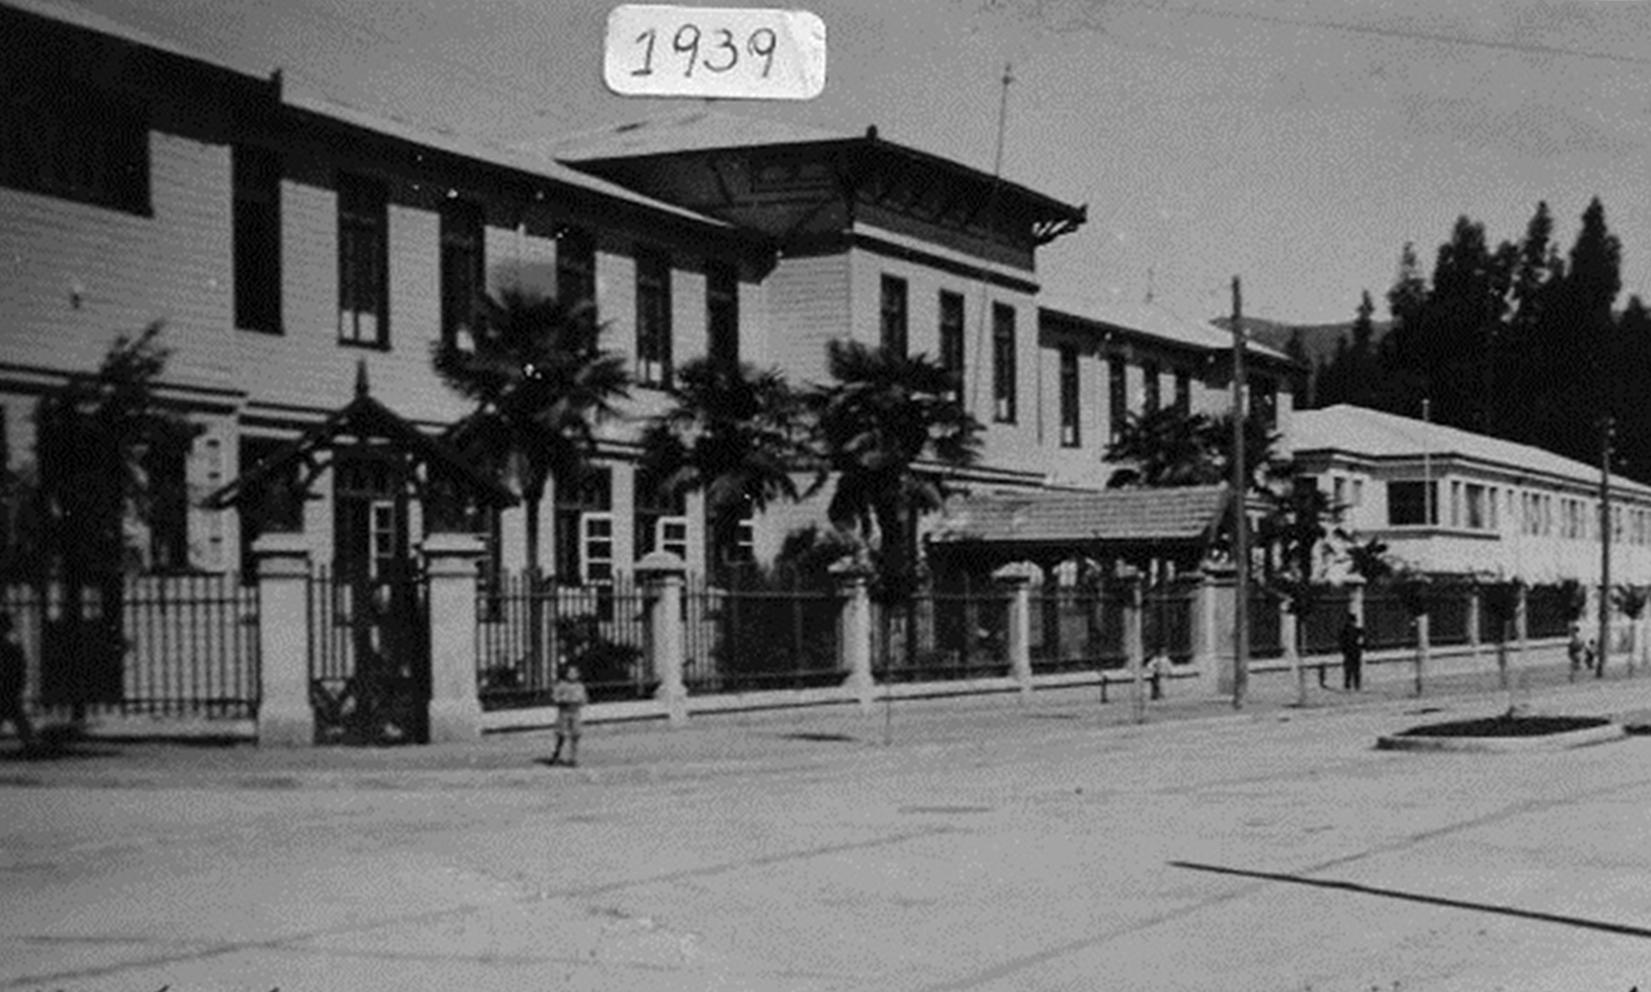 Enterreno - Fotos históricas de chile - fotos antiguas de Chile - Escuela Normal Femenina de Angol en 1939